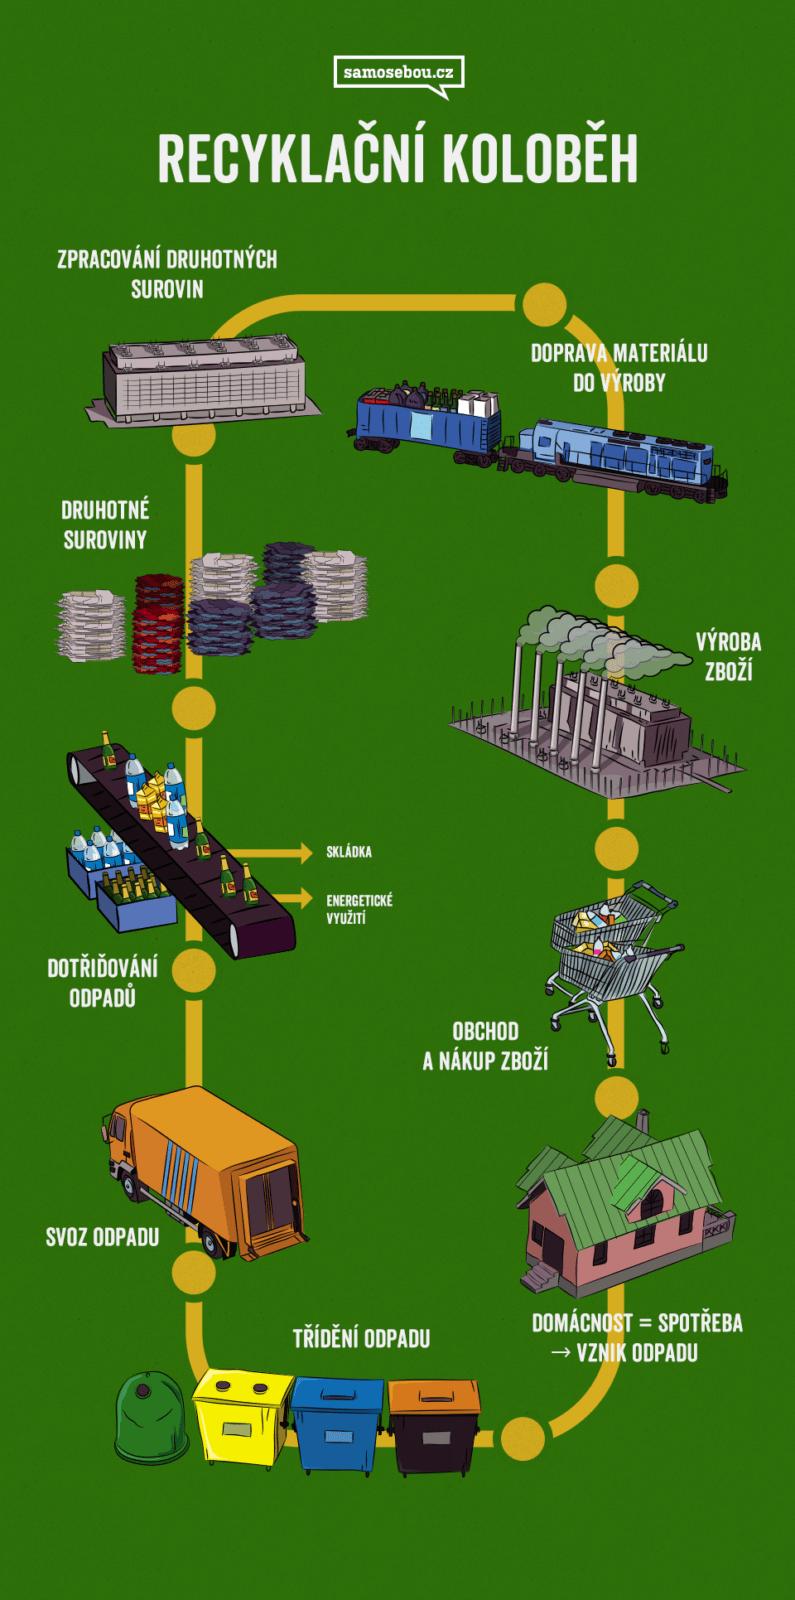 kolobeh_recyklace_infografika_samosebou_recyklacni_kolobeh_kontejner_svoz_tridici_linka_druhotna_surovina